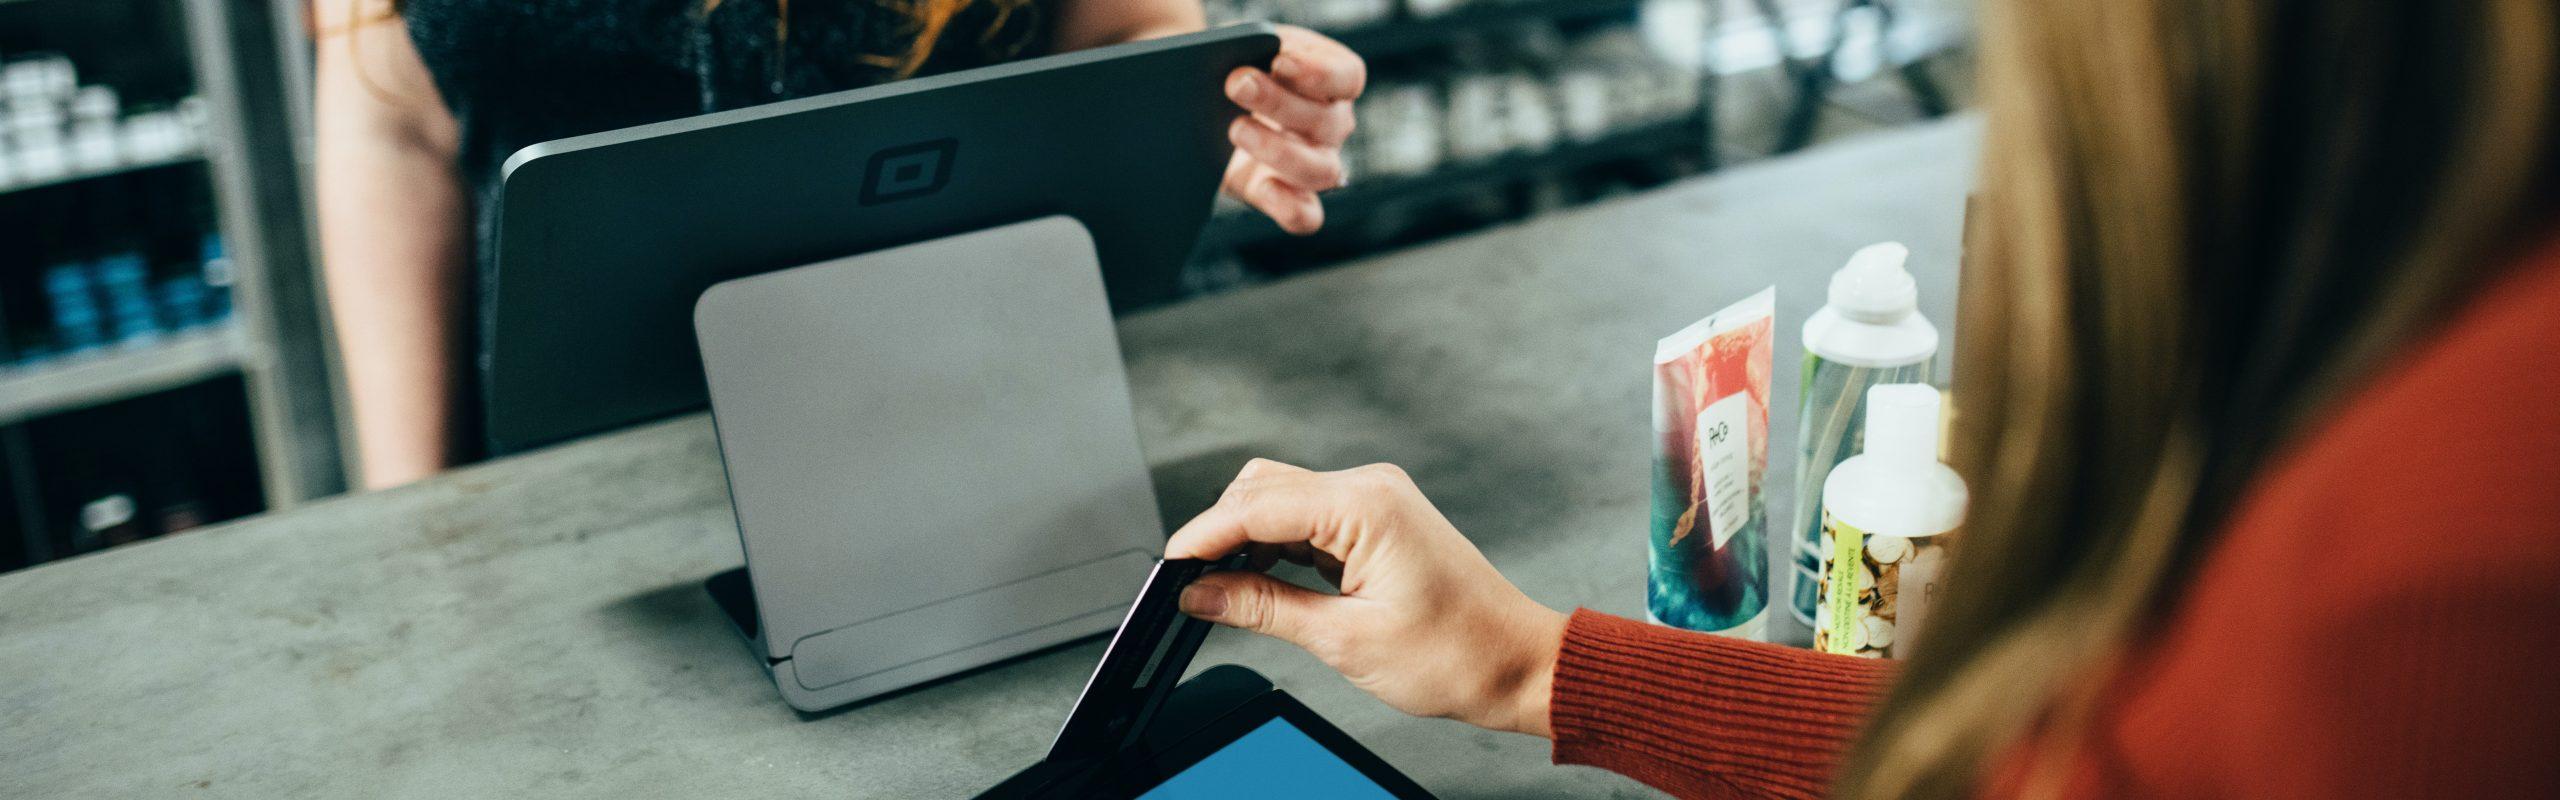 matériels informatiques pour les commerçants